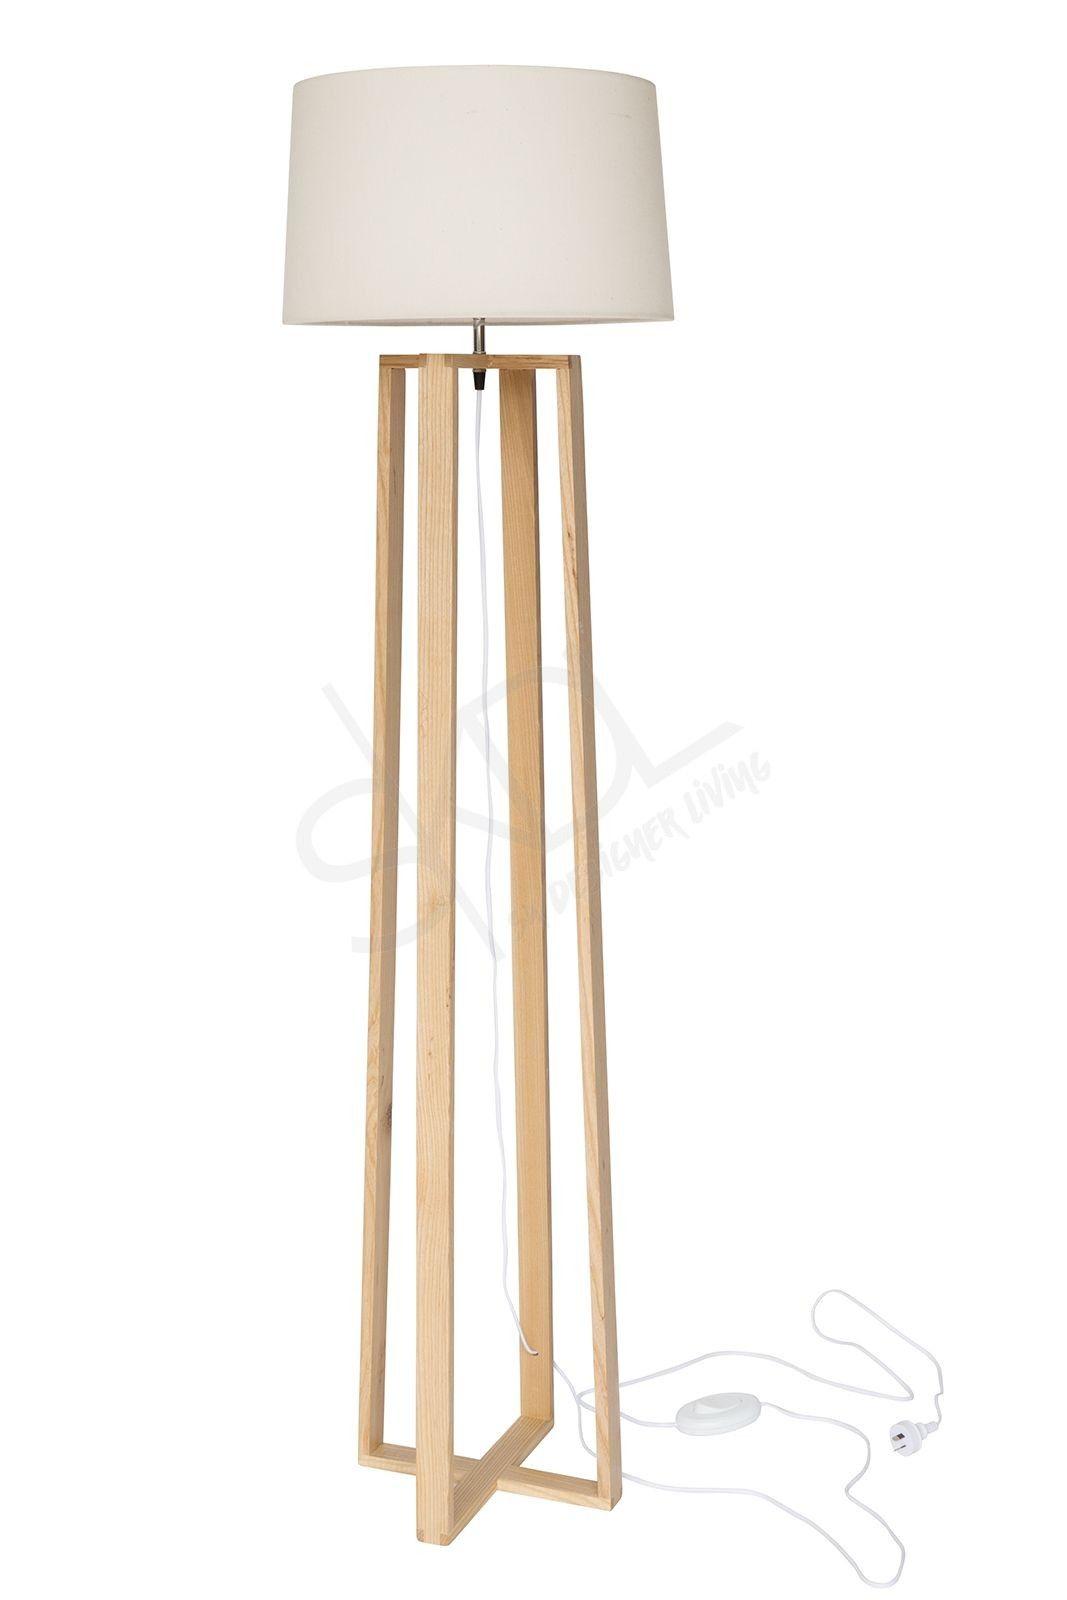 Max Scandinavian Floor Lamp Natural Wood Tripod Ivory Shade Scandinavian Floor Lamps Wood Floor Lamp Wooden Floor Lamps